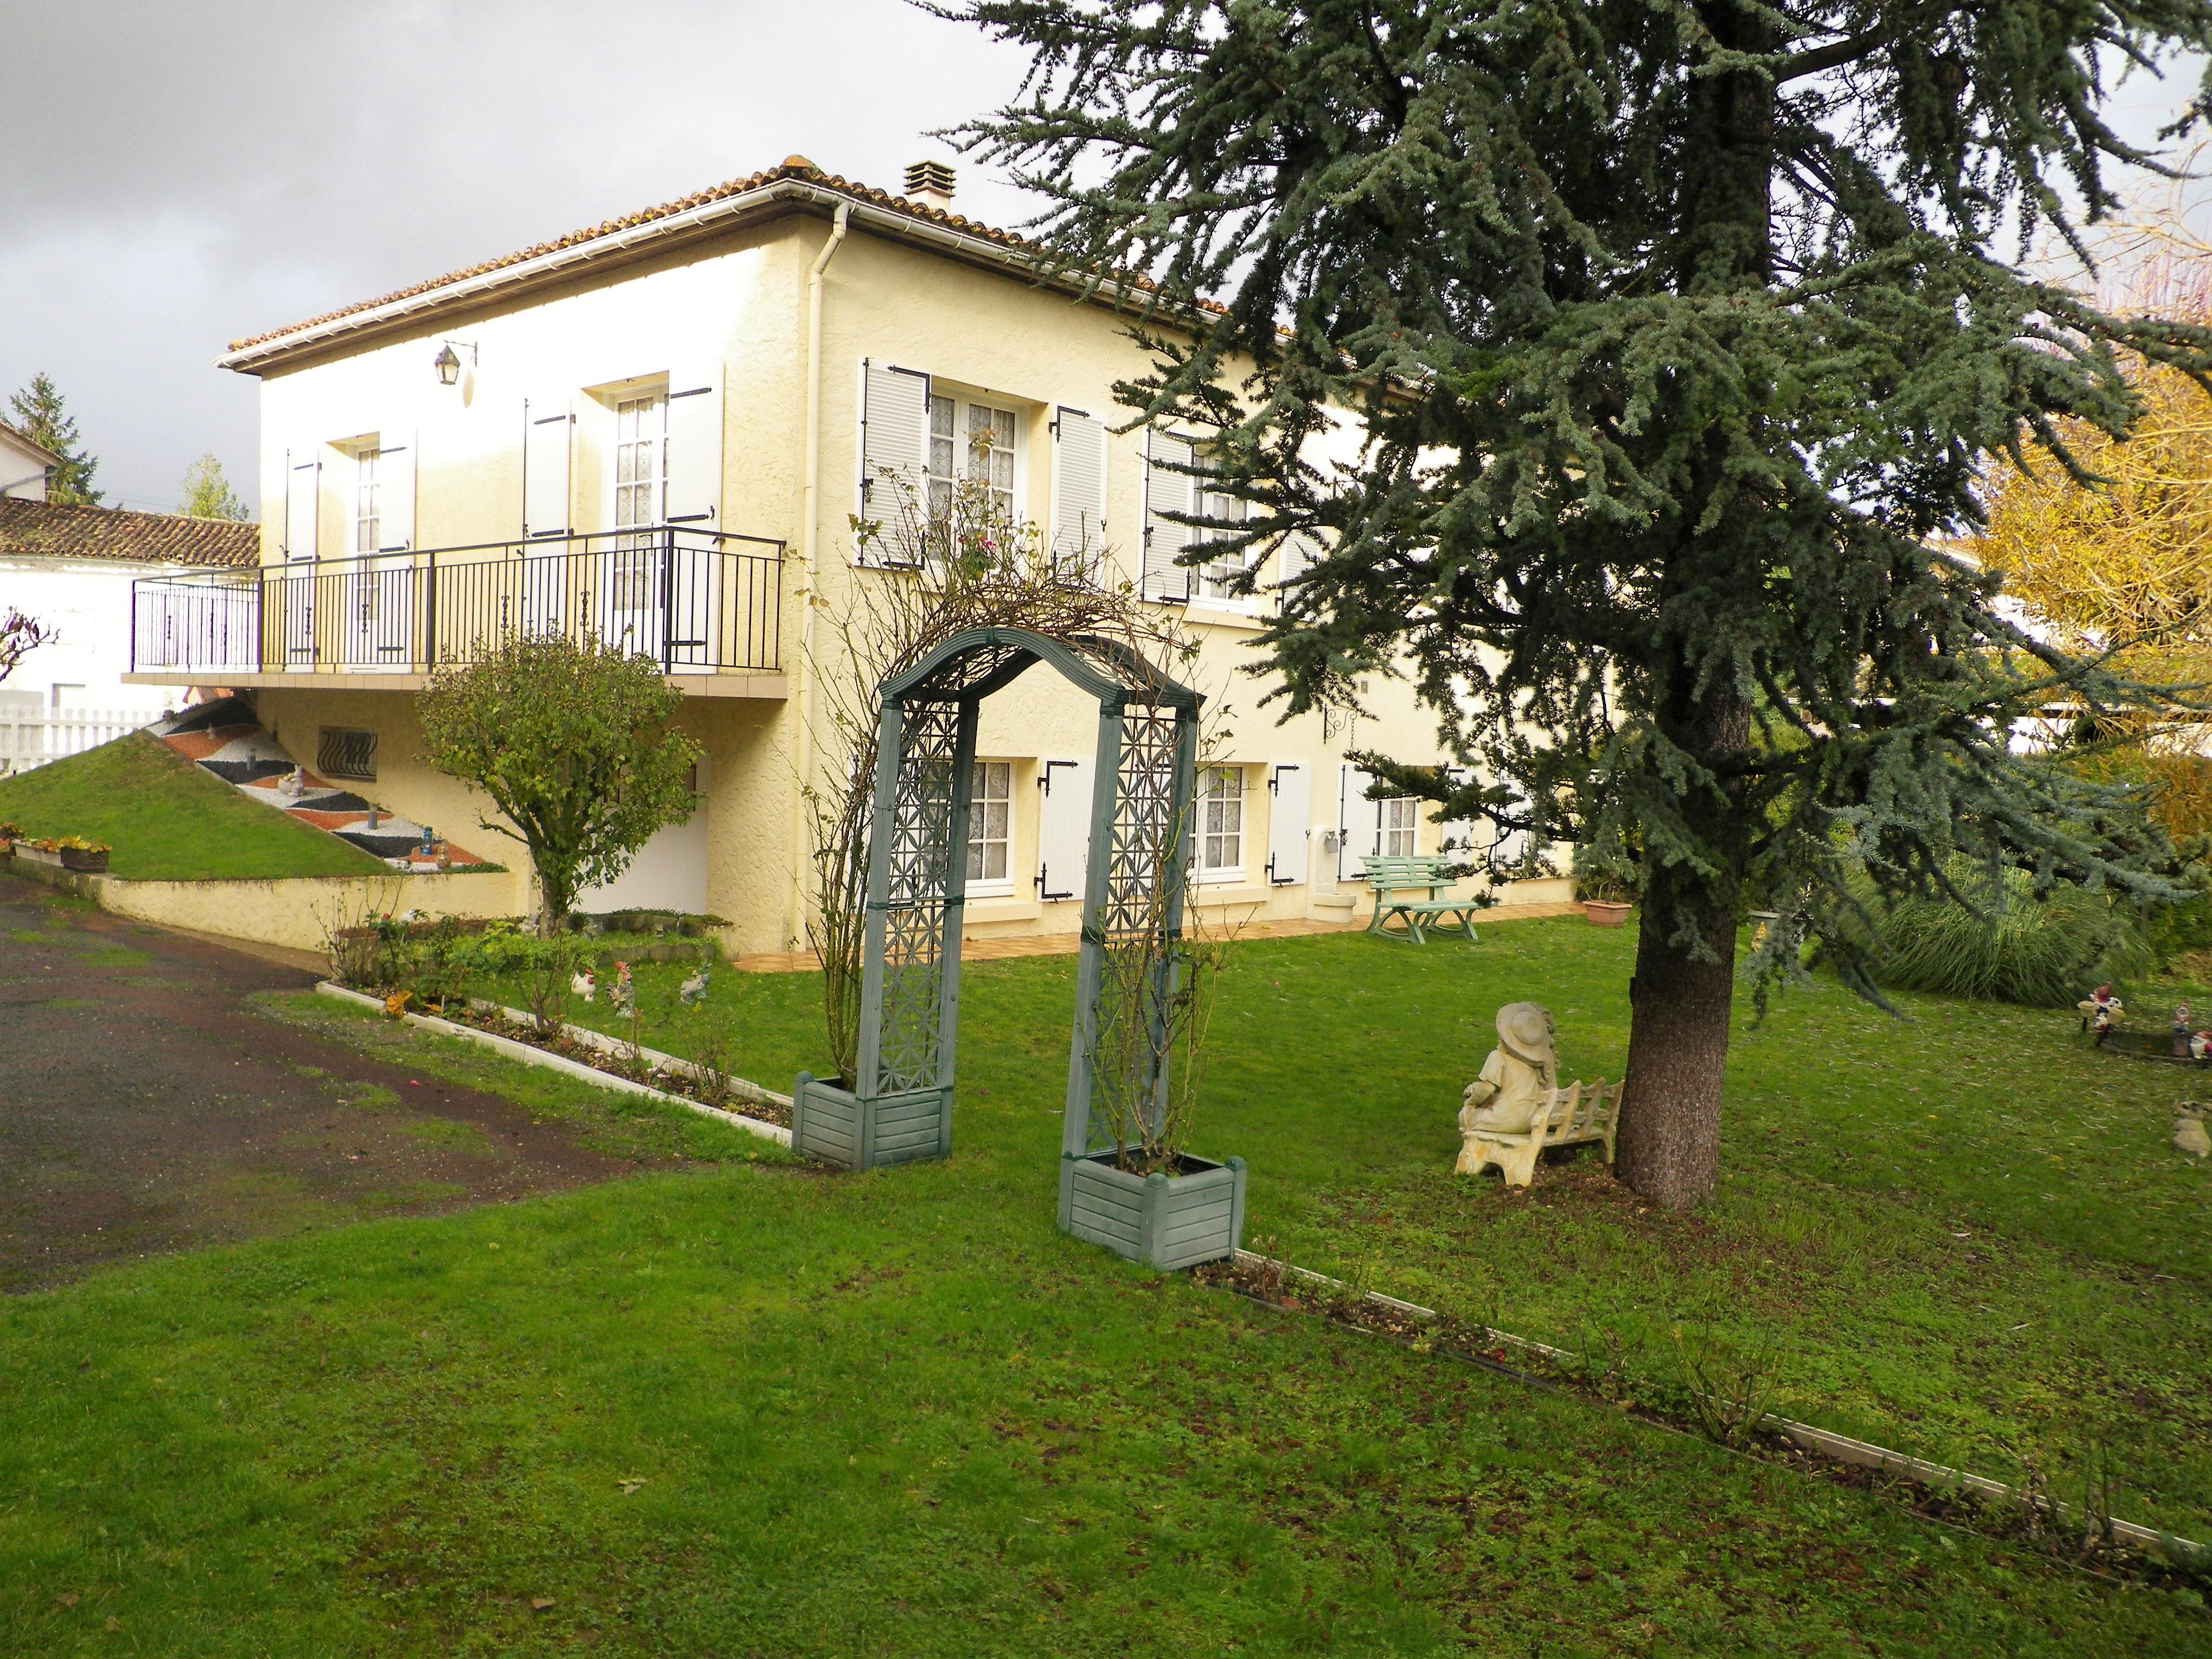 Maison Familiale Fontenet